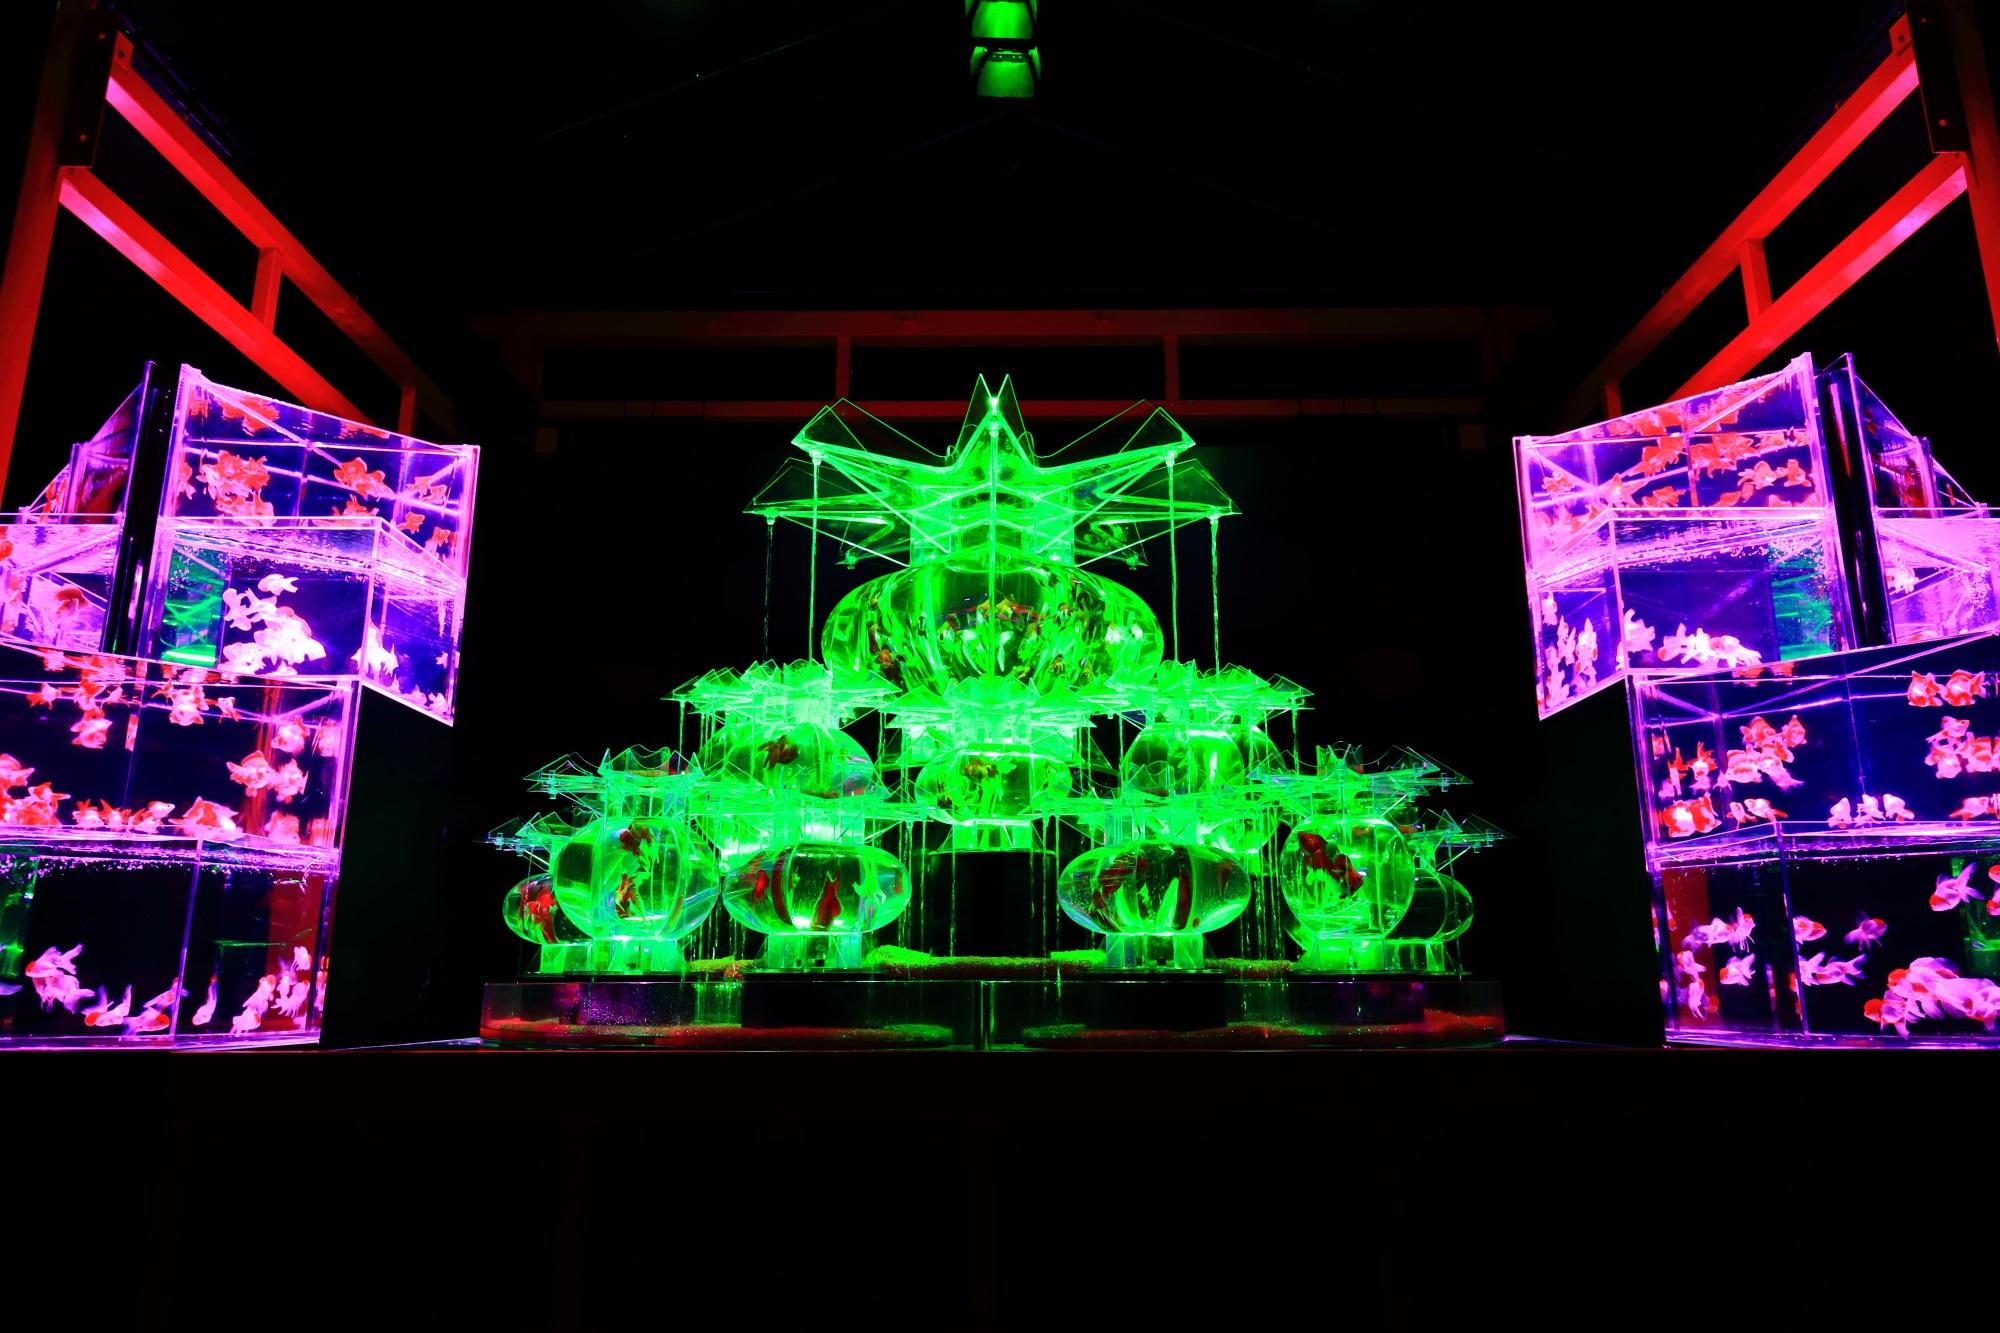 金魚の舞のアートアクアリウム城の大奥